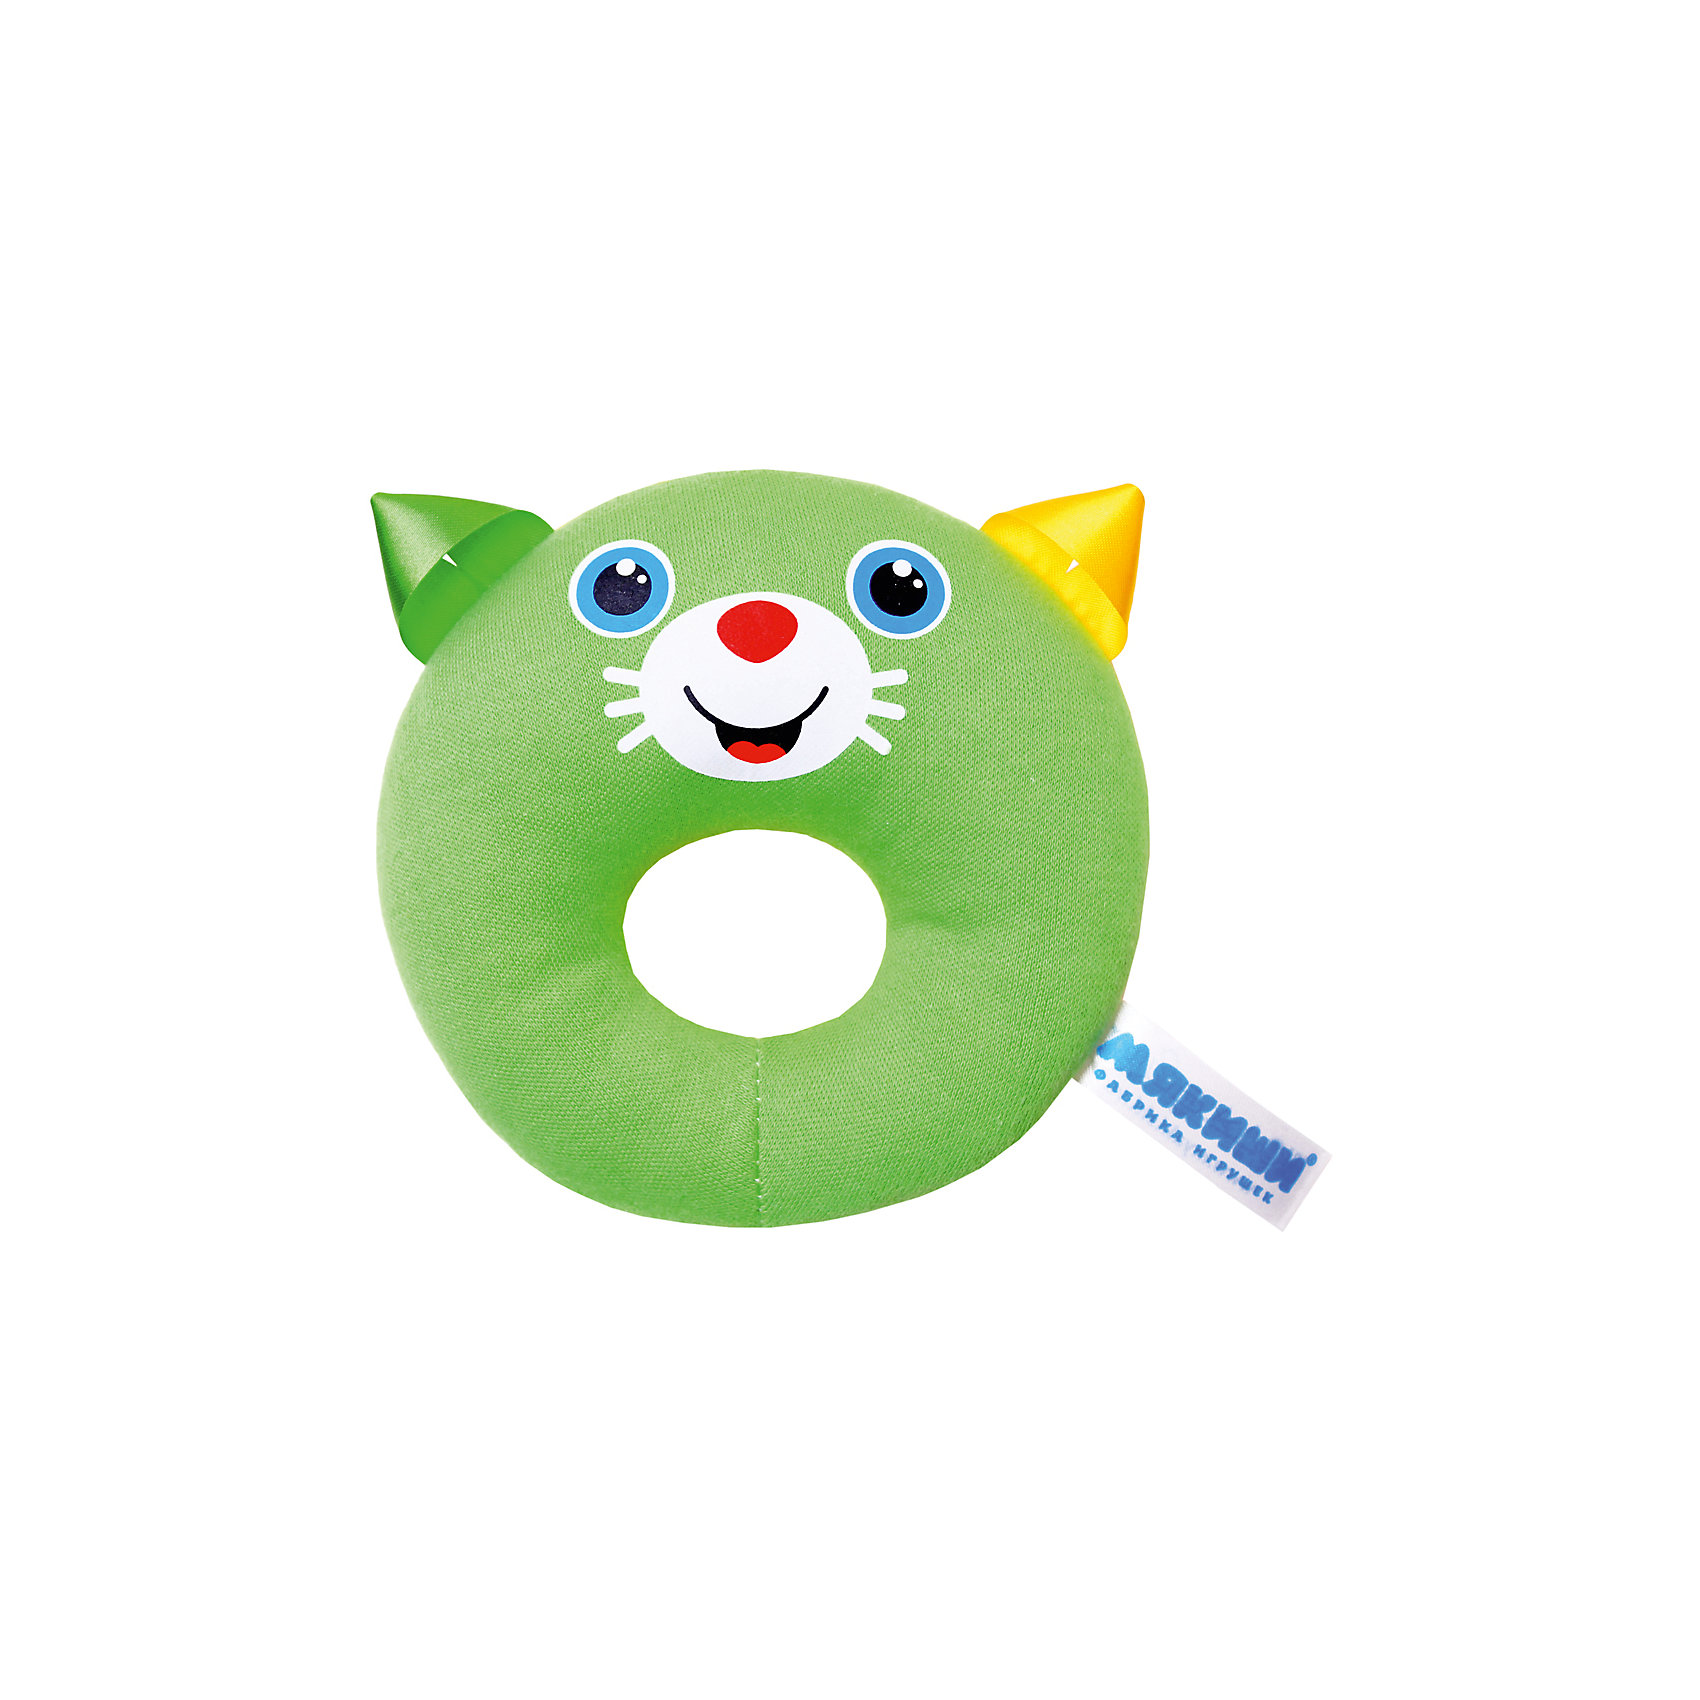 Колечко Котёнок, МякишиХарактеристики товара:<br><br>• материал: разнофактурный текстиль, поролон<br>• комплектация: 1 шт<br>• размер игрушки: 16х24х3 см<br>• звуковой элемент<br>• развивающая игрушка<br>• упаковка: пакет<br>• страна бренда: РФ<br>• страна изготовитель: РФ<br><br>Малыши активно познают мир и тянутся к новой информации. Чтобы сделать процесс изучения окружающего пространства интереснее, ребенку можно подарить развивающие игрушки. В процессе игры информация усваивается намного лучше!<br>Такие игрушки помогут занять малыша, играть ими приятно и весело. Одновременно они позволят познакомиться со многими цветами, фактурами, а также научиться извлекать звук. Подобные игрушки развивают тактильные ощущения, моторику, цветовосприятие, логику, воображение, учат фокусировать внимание. Каждое изделие абсолютно безопасно – оно создано из качественной ткани с мягким наполнителем. Игрушки производятся из качественных и проверенных материалов, которые безопасны для детей.<br><br>Колечко Котёнок от бренда Мякиши можно купить в нашем интернет-магазине.<br><br>Ширина мм: 120<br>Глубина мм: 30<br>Высота мм: 120<br>Вес г: 90<br>Возраст от месяцев: 12<br>Возраст до месяцев: 36<br>Пол: Унисекс<br>Возраст: Детский<br>SKU: 5183216